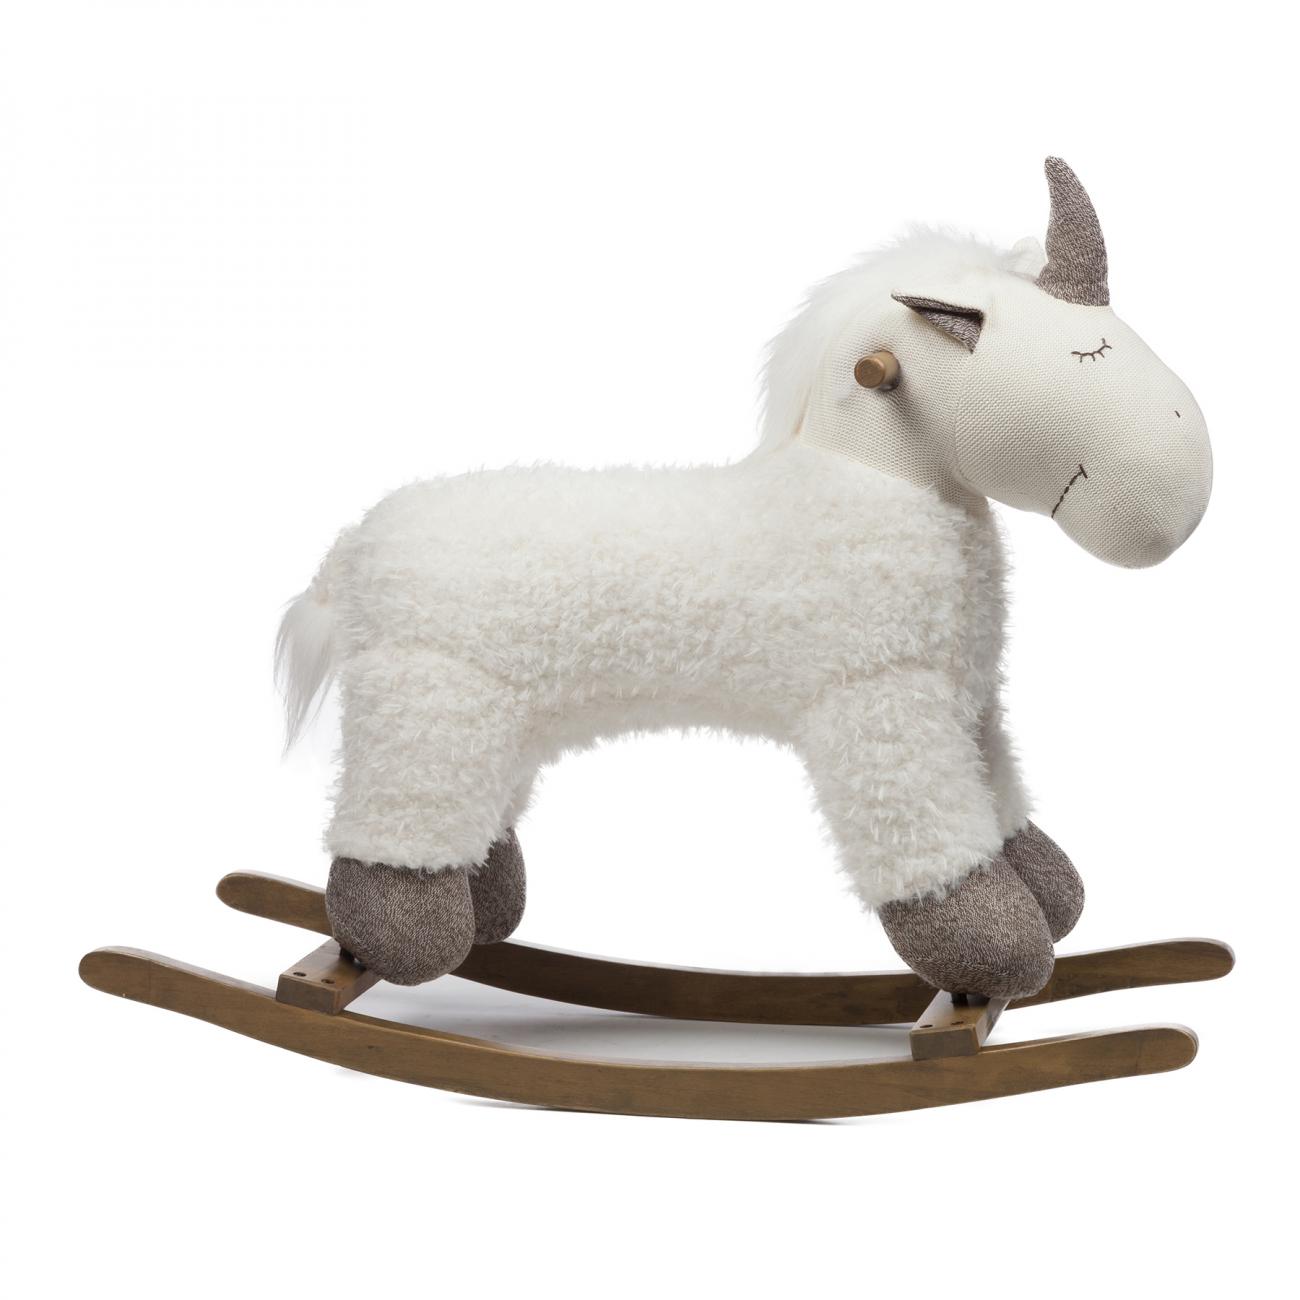 Купить Игрушка-качалка Единорог в интернет магазине дизайнерской мебели и аксессуаров для дома и дачи